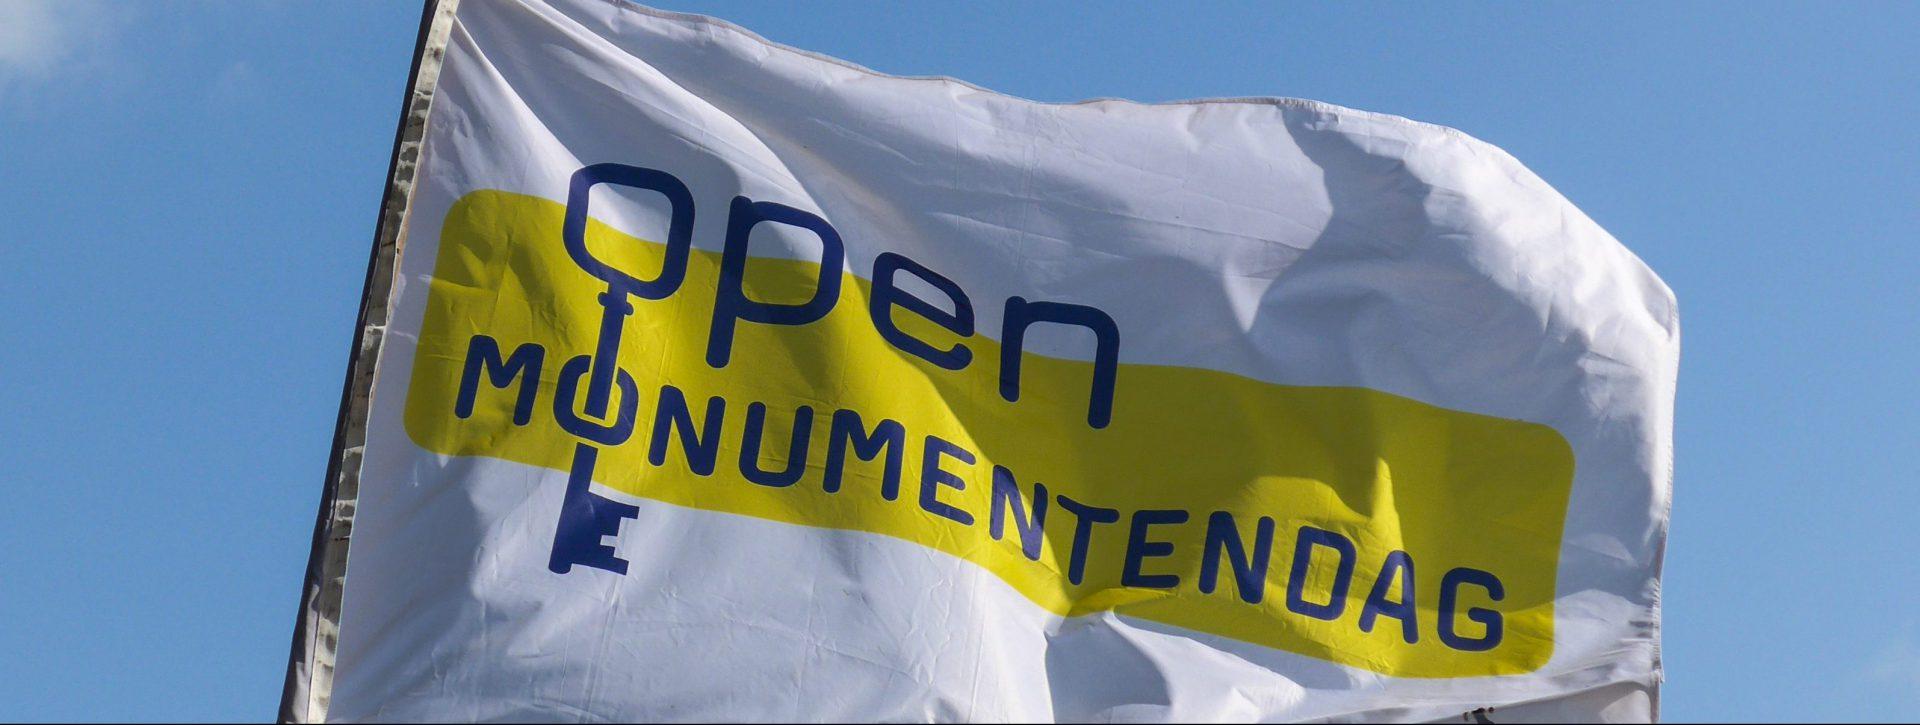 Open monumenten weekeind